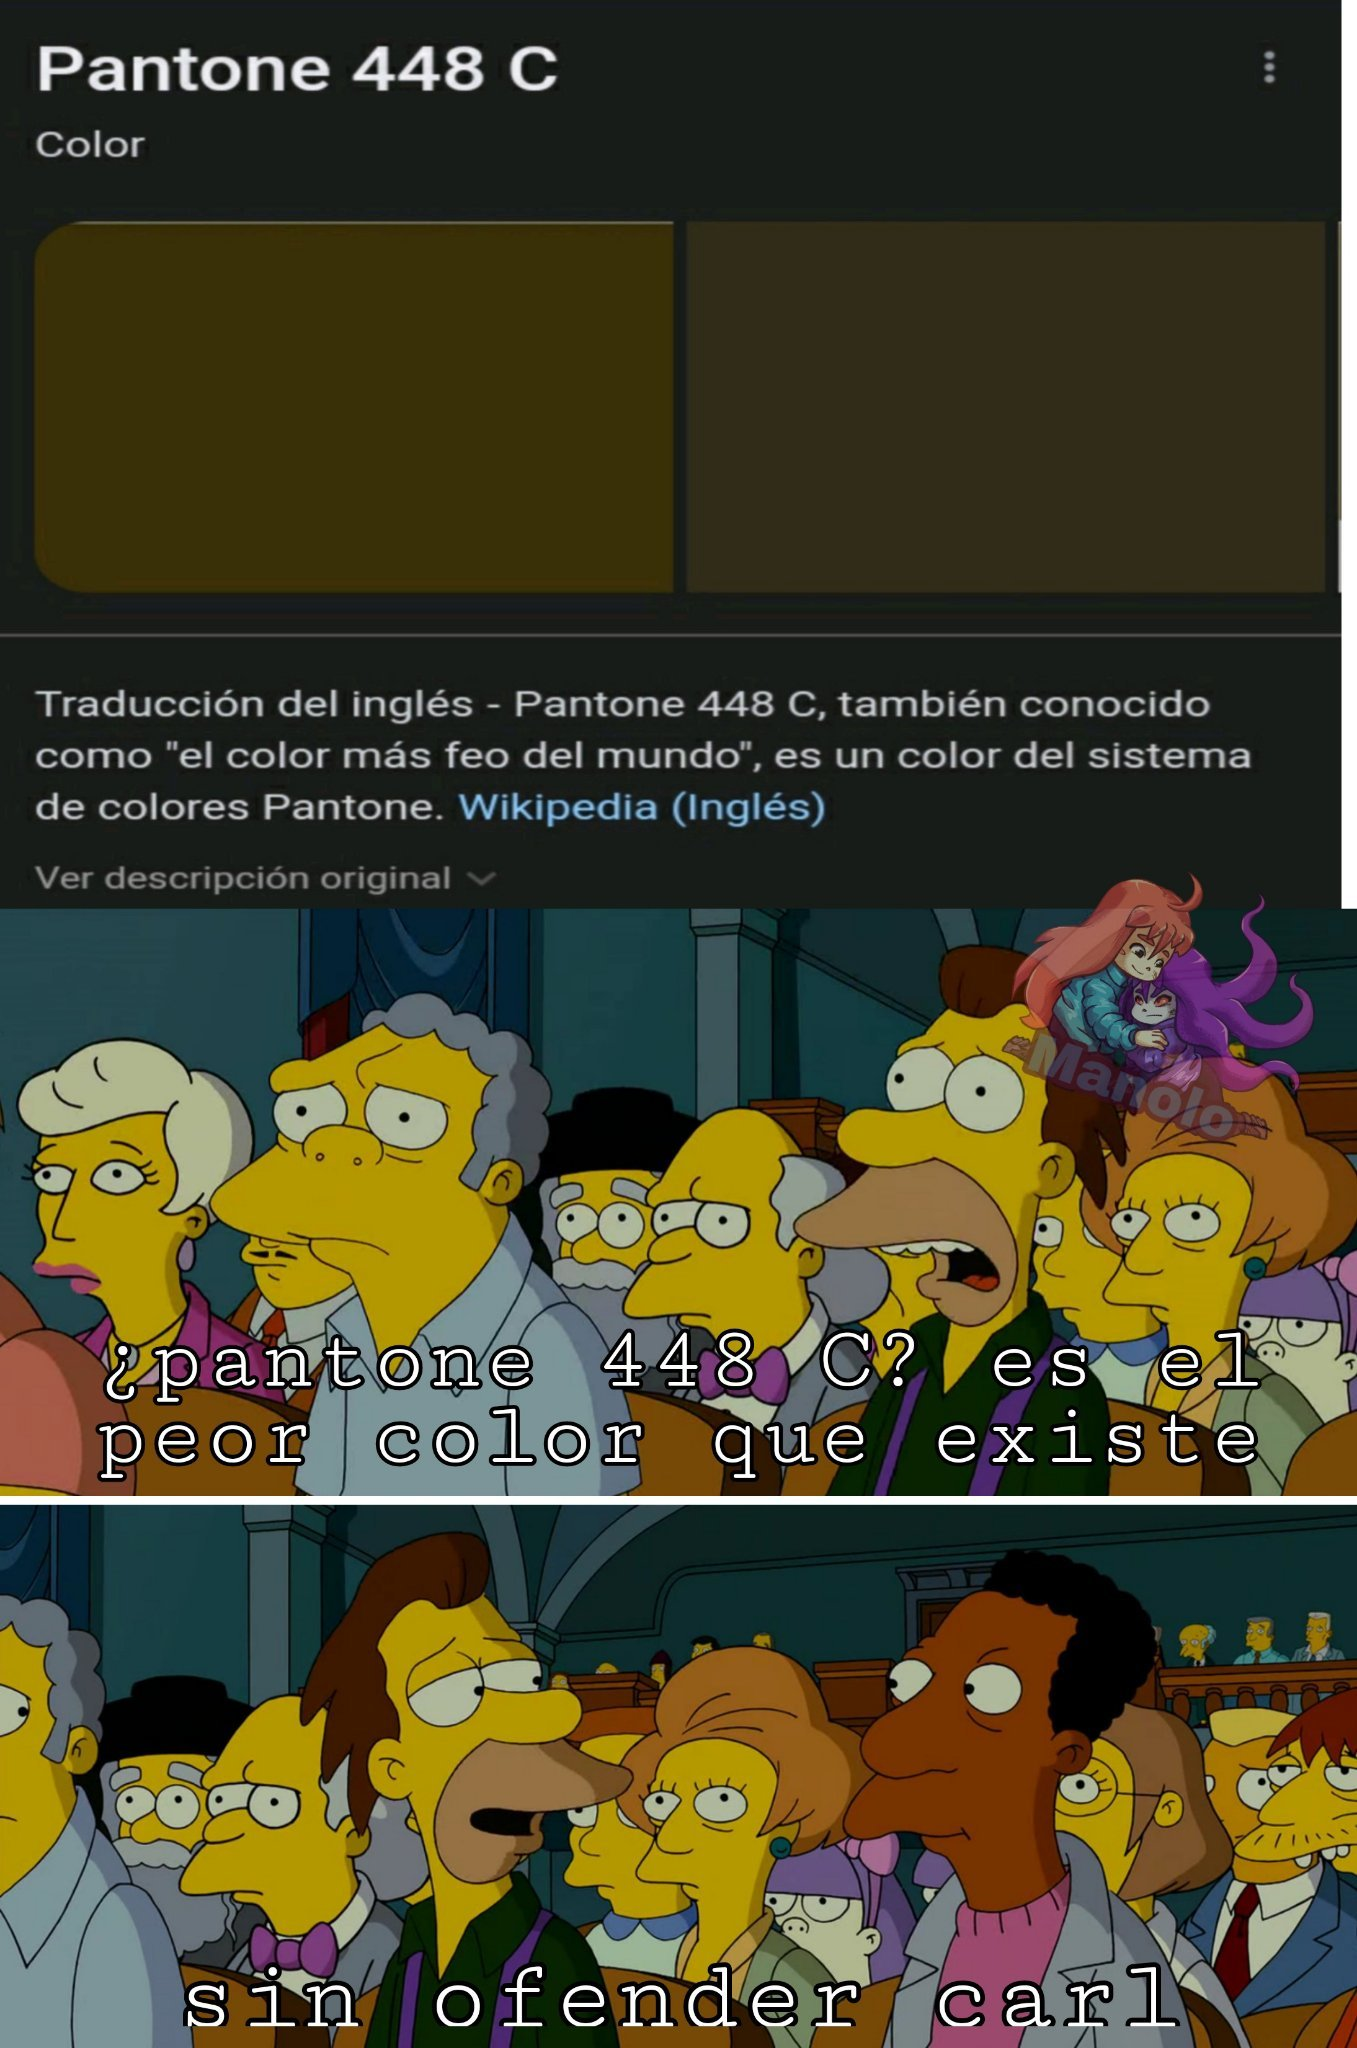 La idea de phantone 448 c lo saque de otro meme